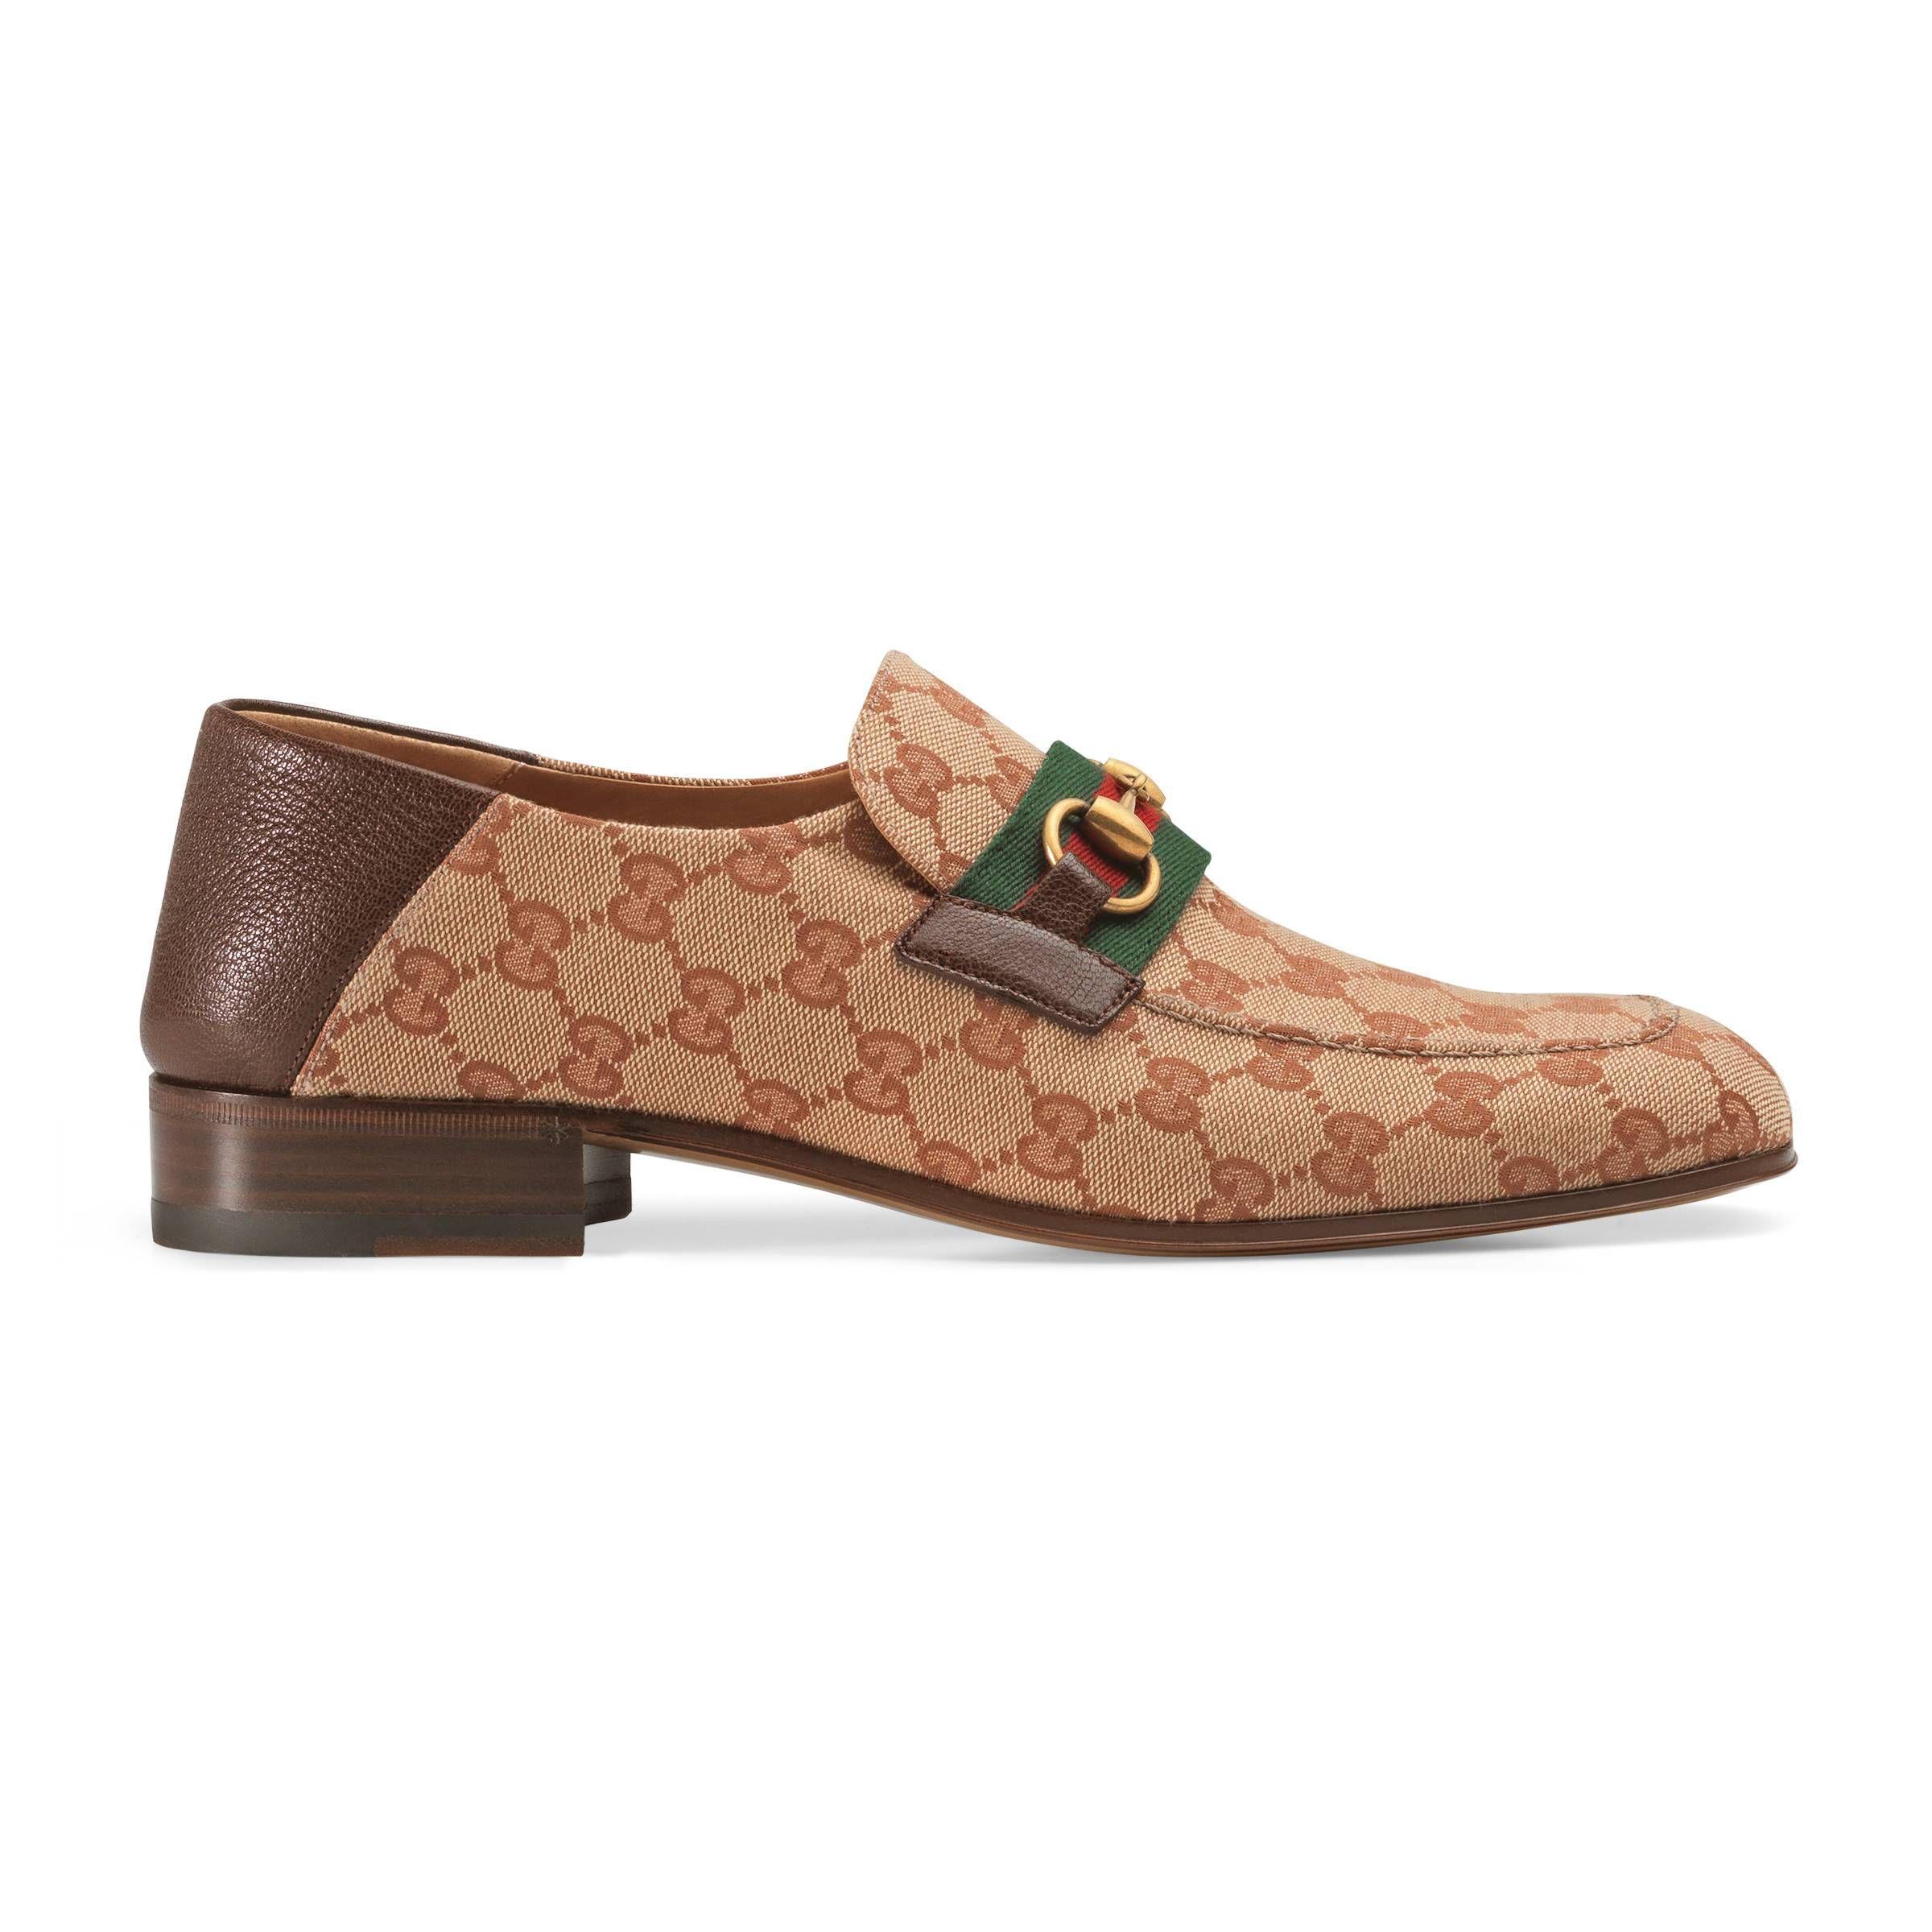 e0295f133b1 GUCCI GG CANVAS HORSEBIT LOAFER.  gucci  shoes